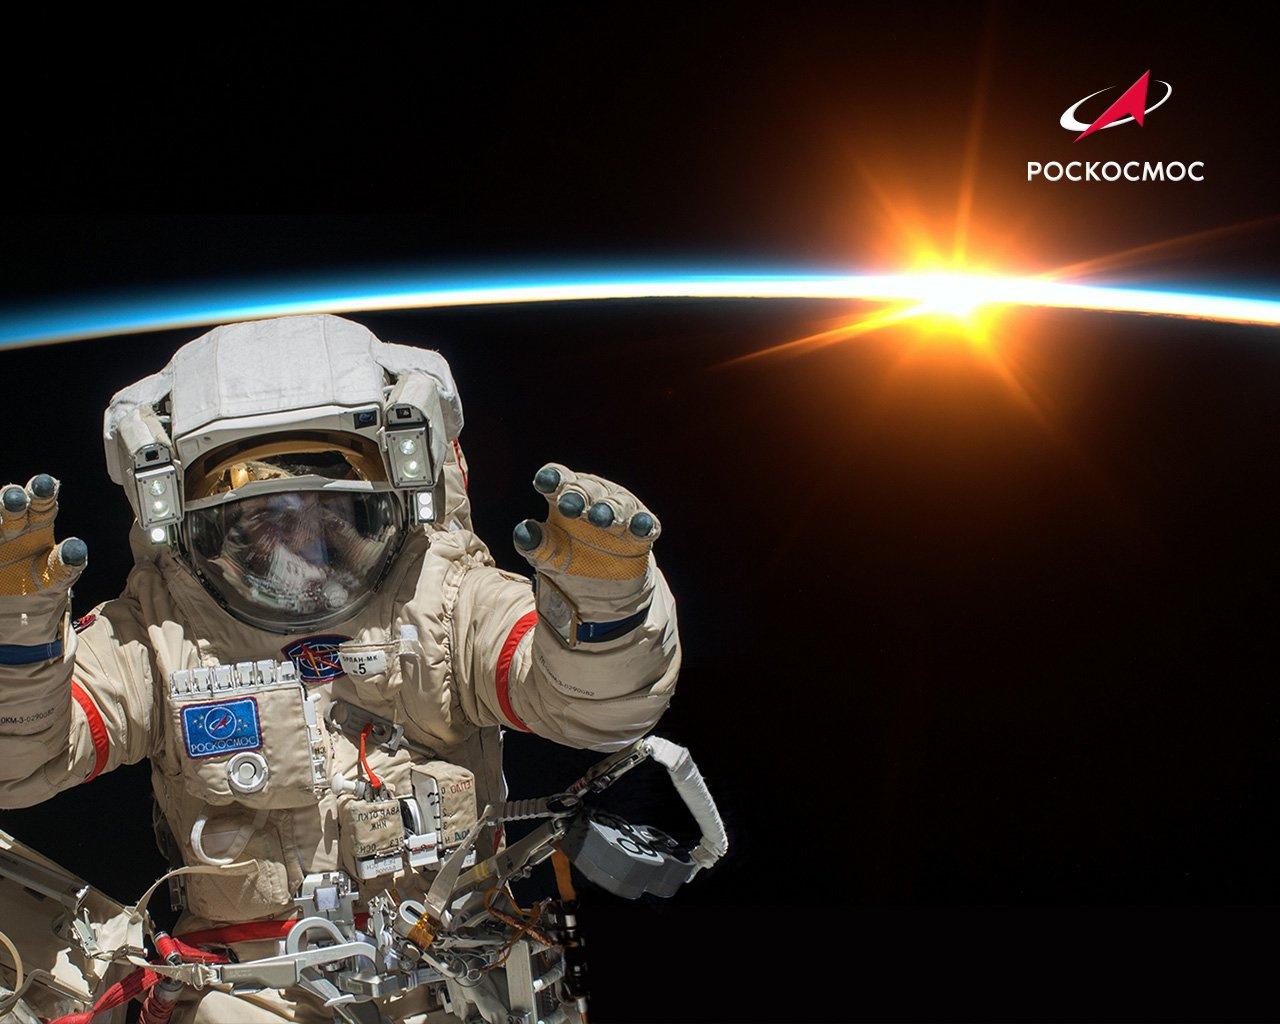 «Роскосмос» тоже решил снять художественный фильм в космосе